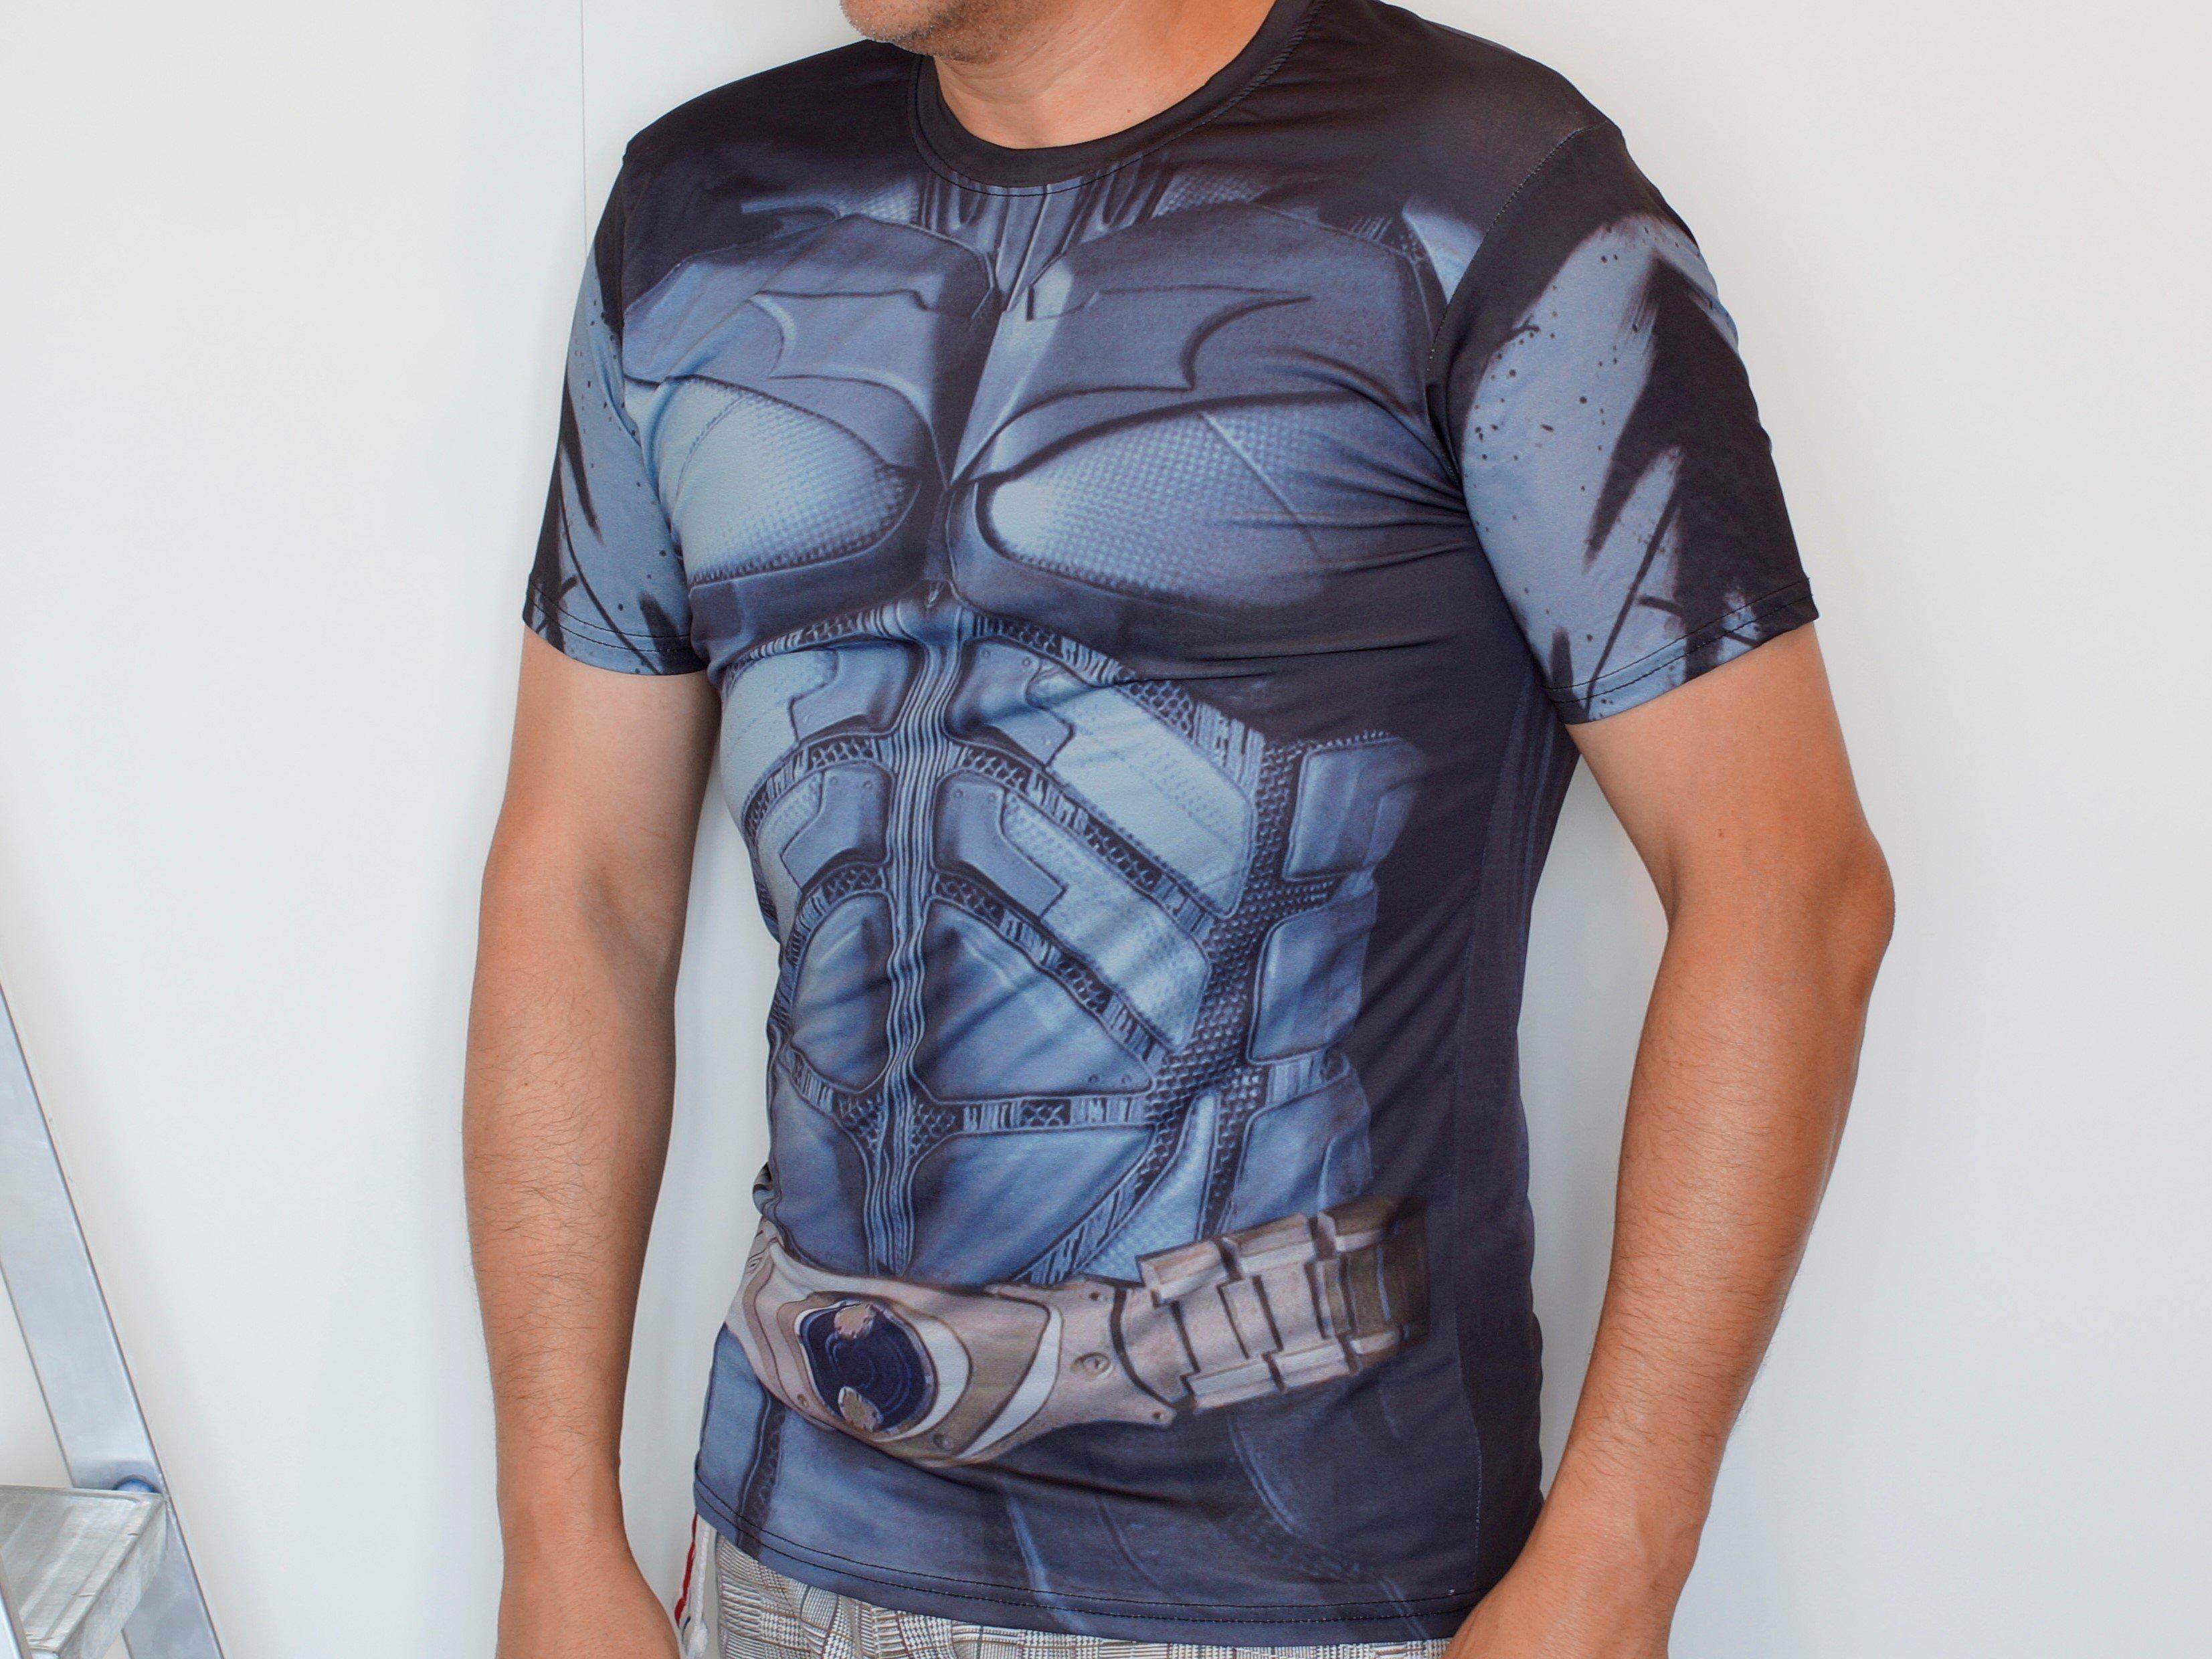 Бэтмен. Майка Batman от магазина TUNSECHY